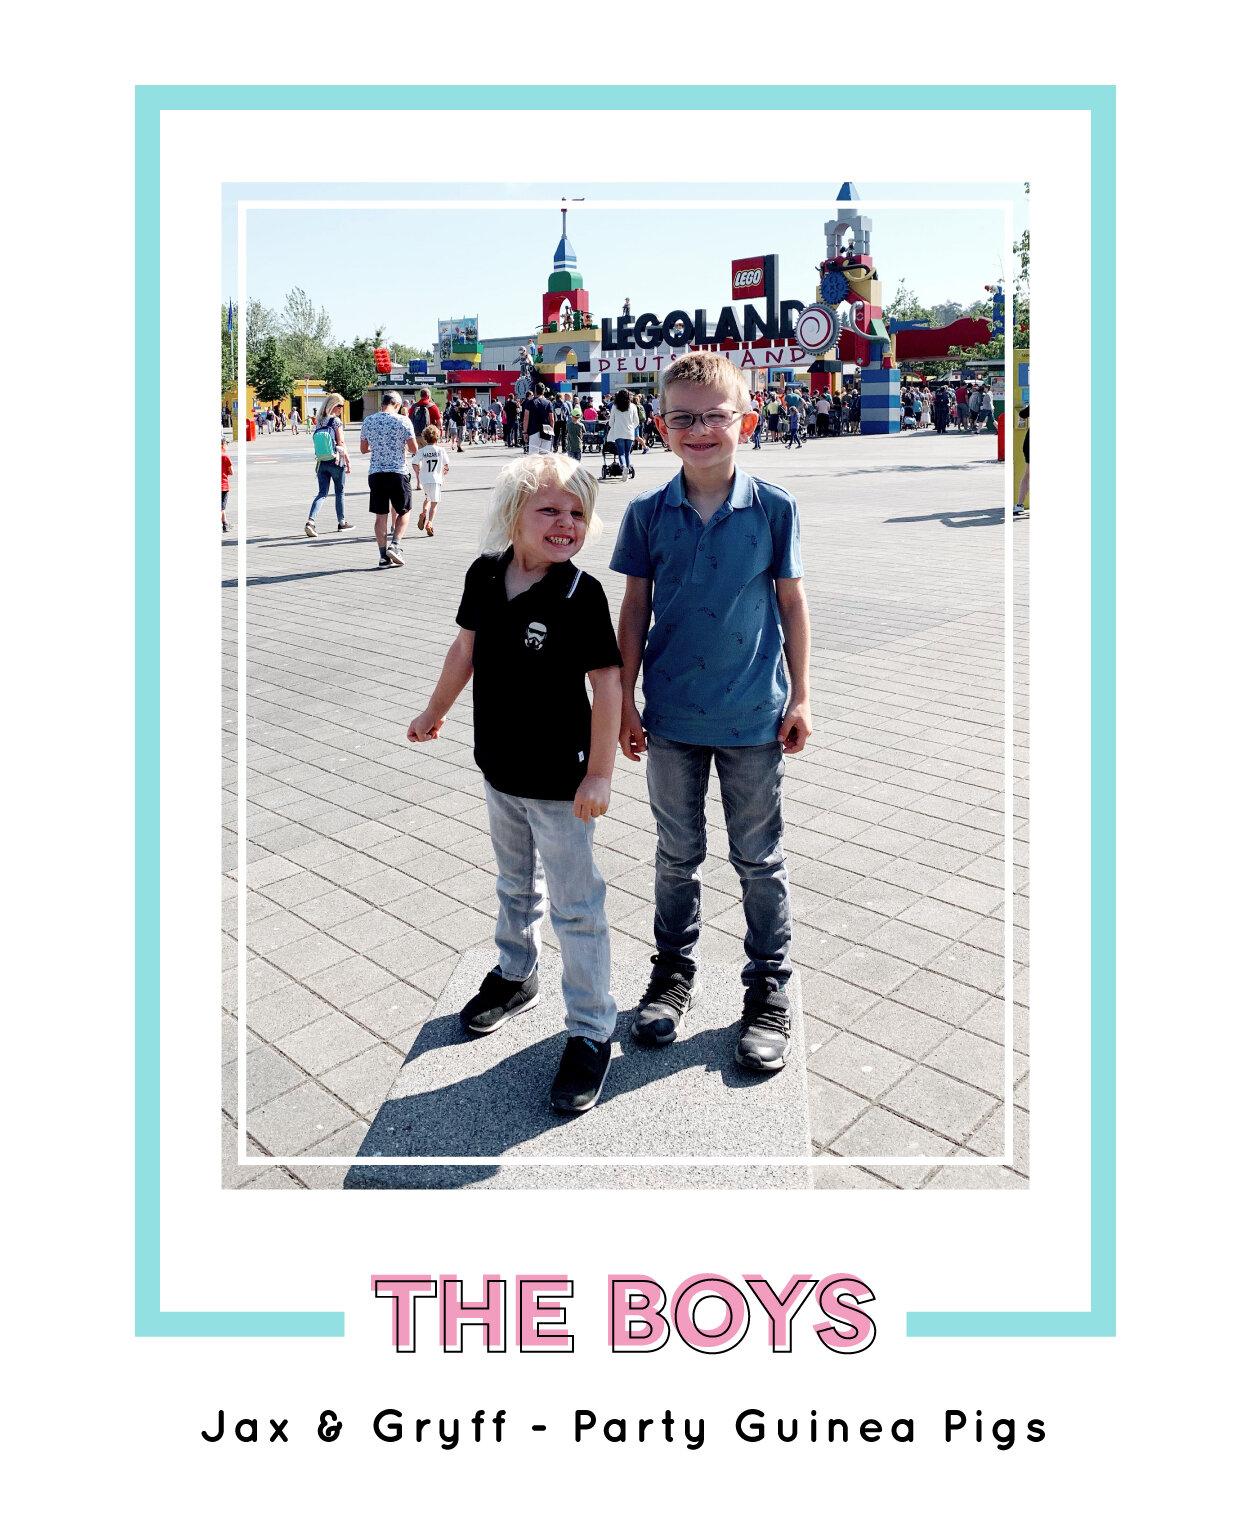 The Boys - shopmkkm.com